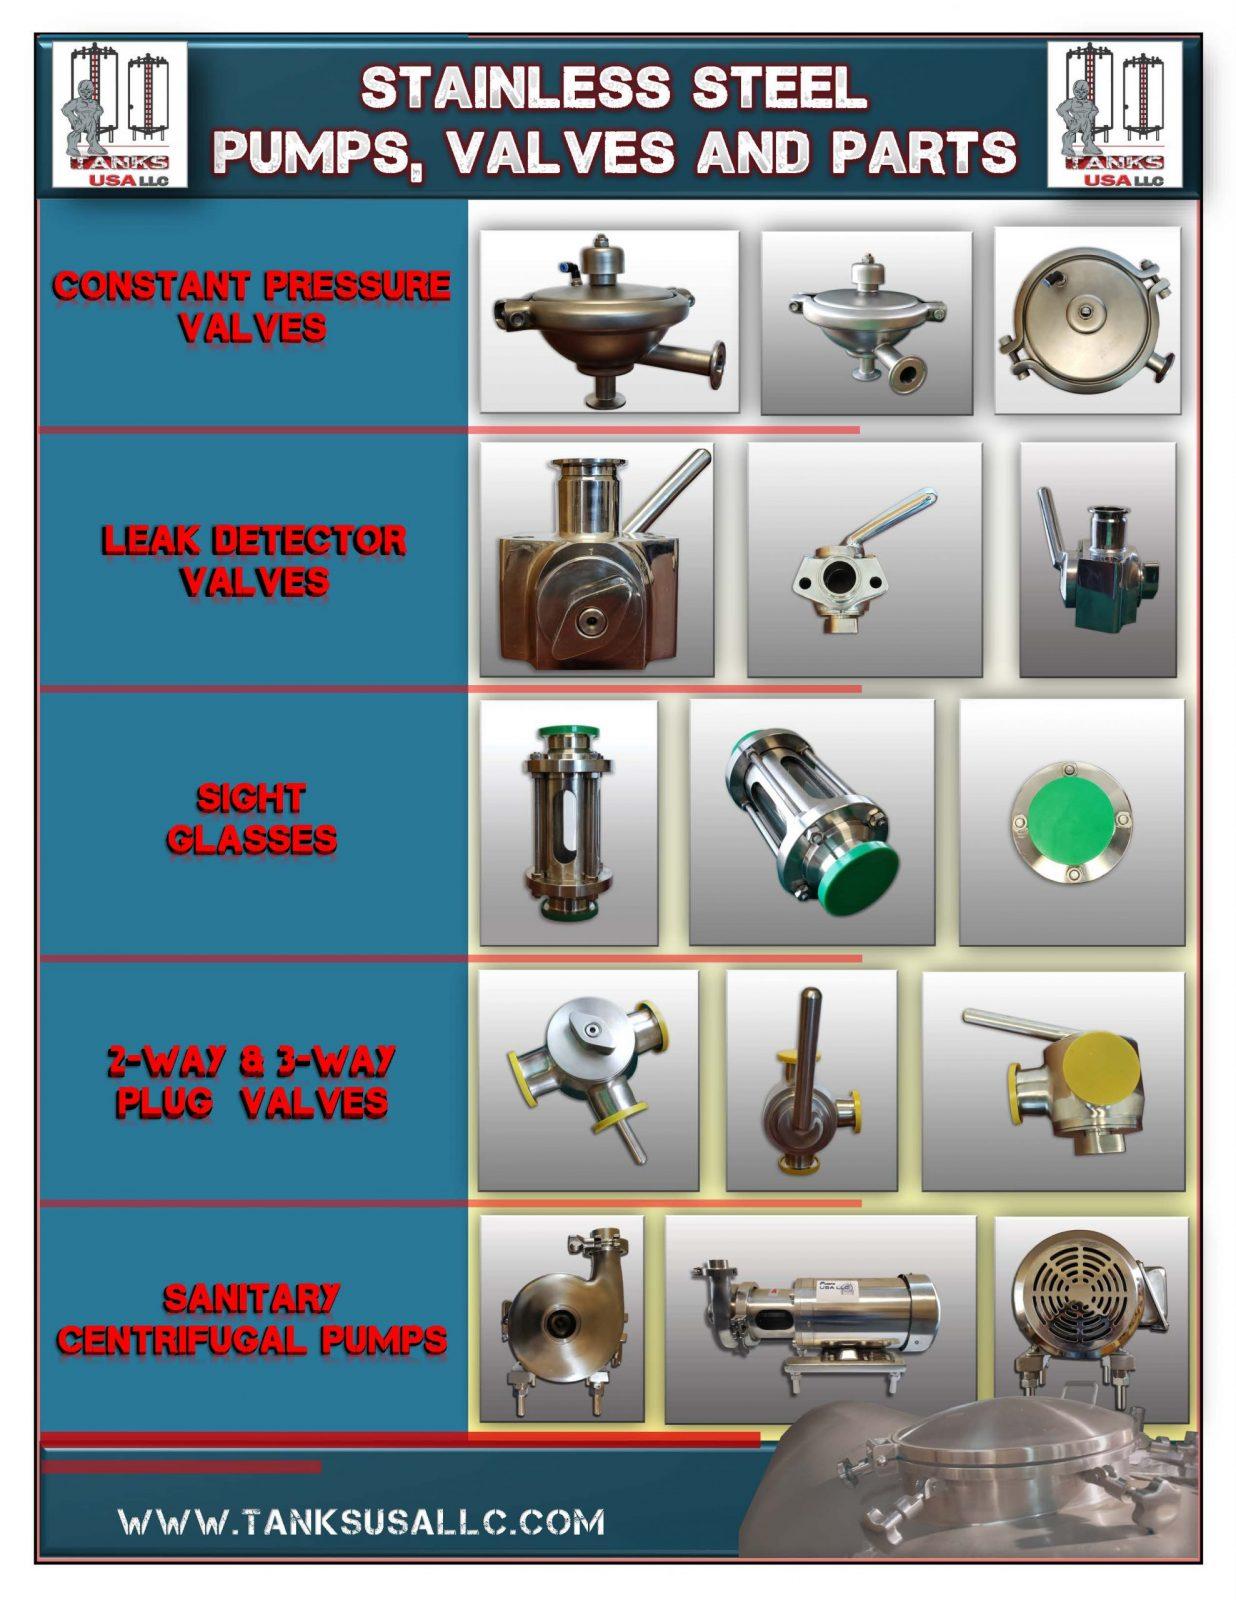 Tanks USA Brochure - Page 3